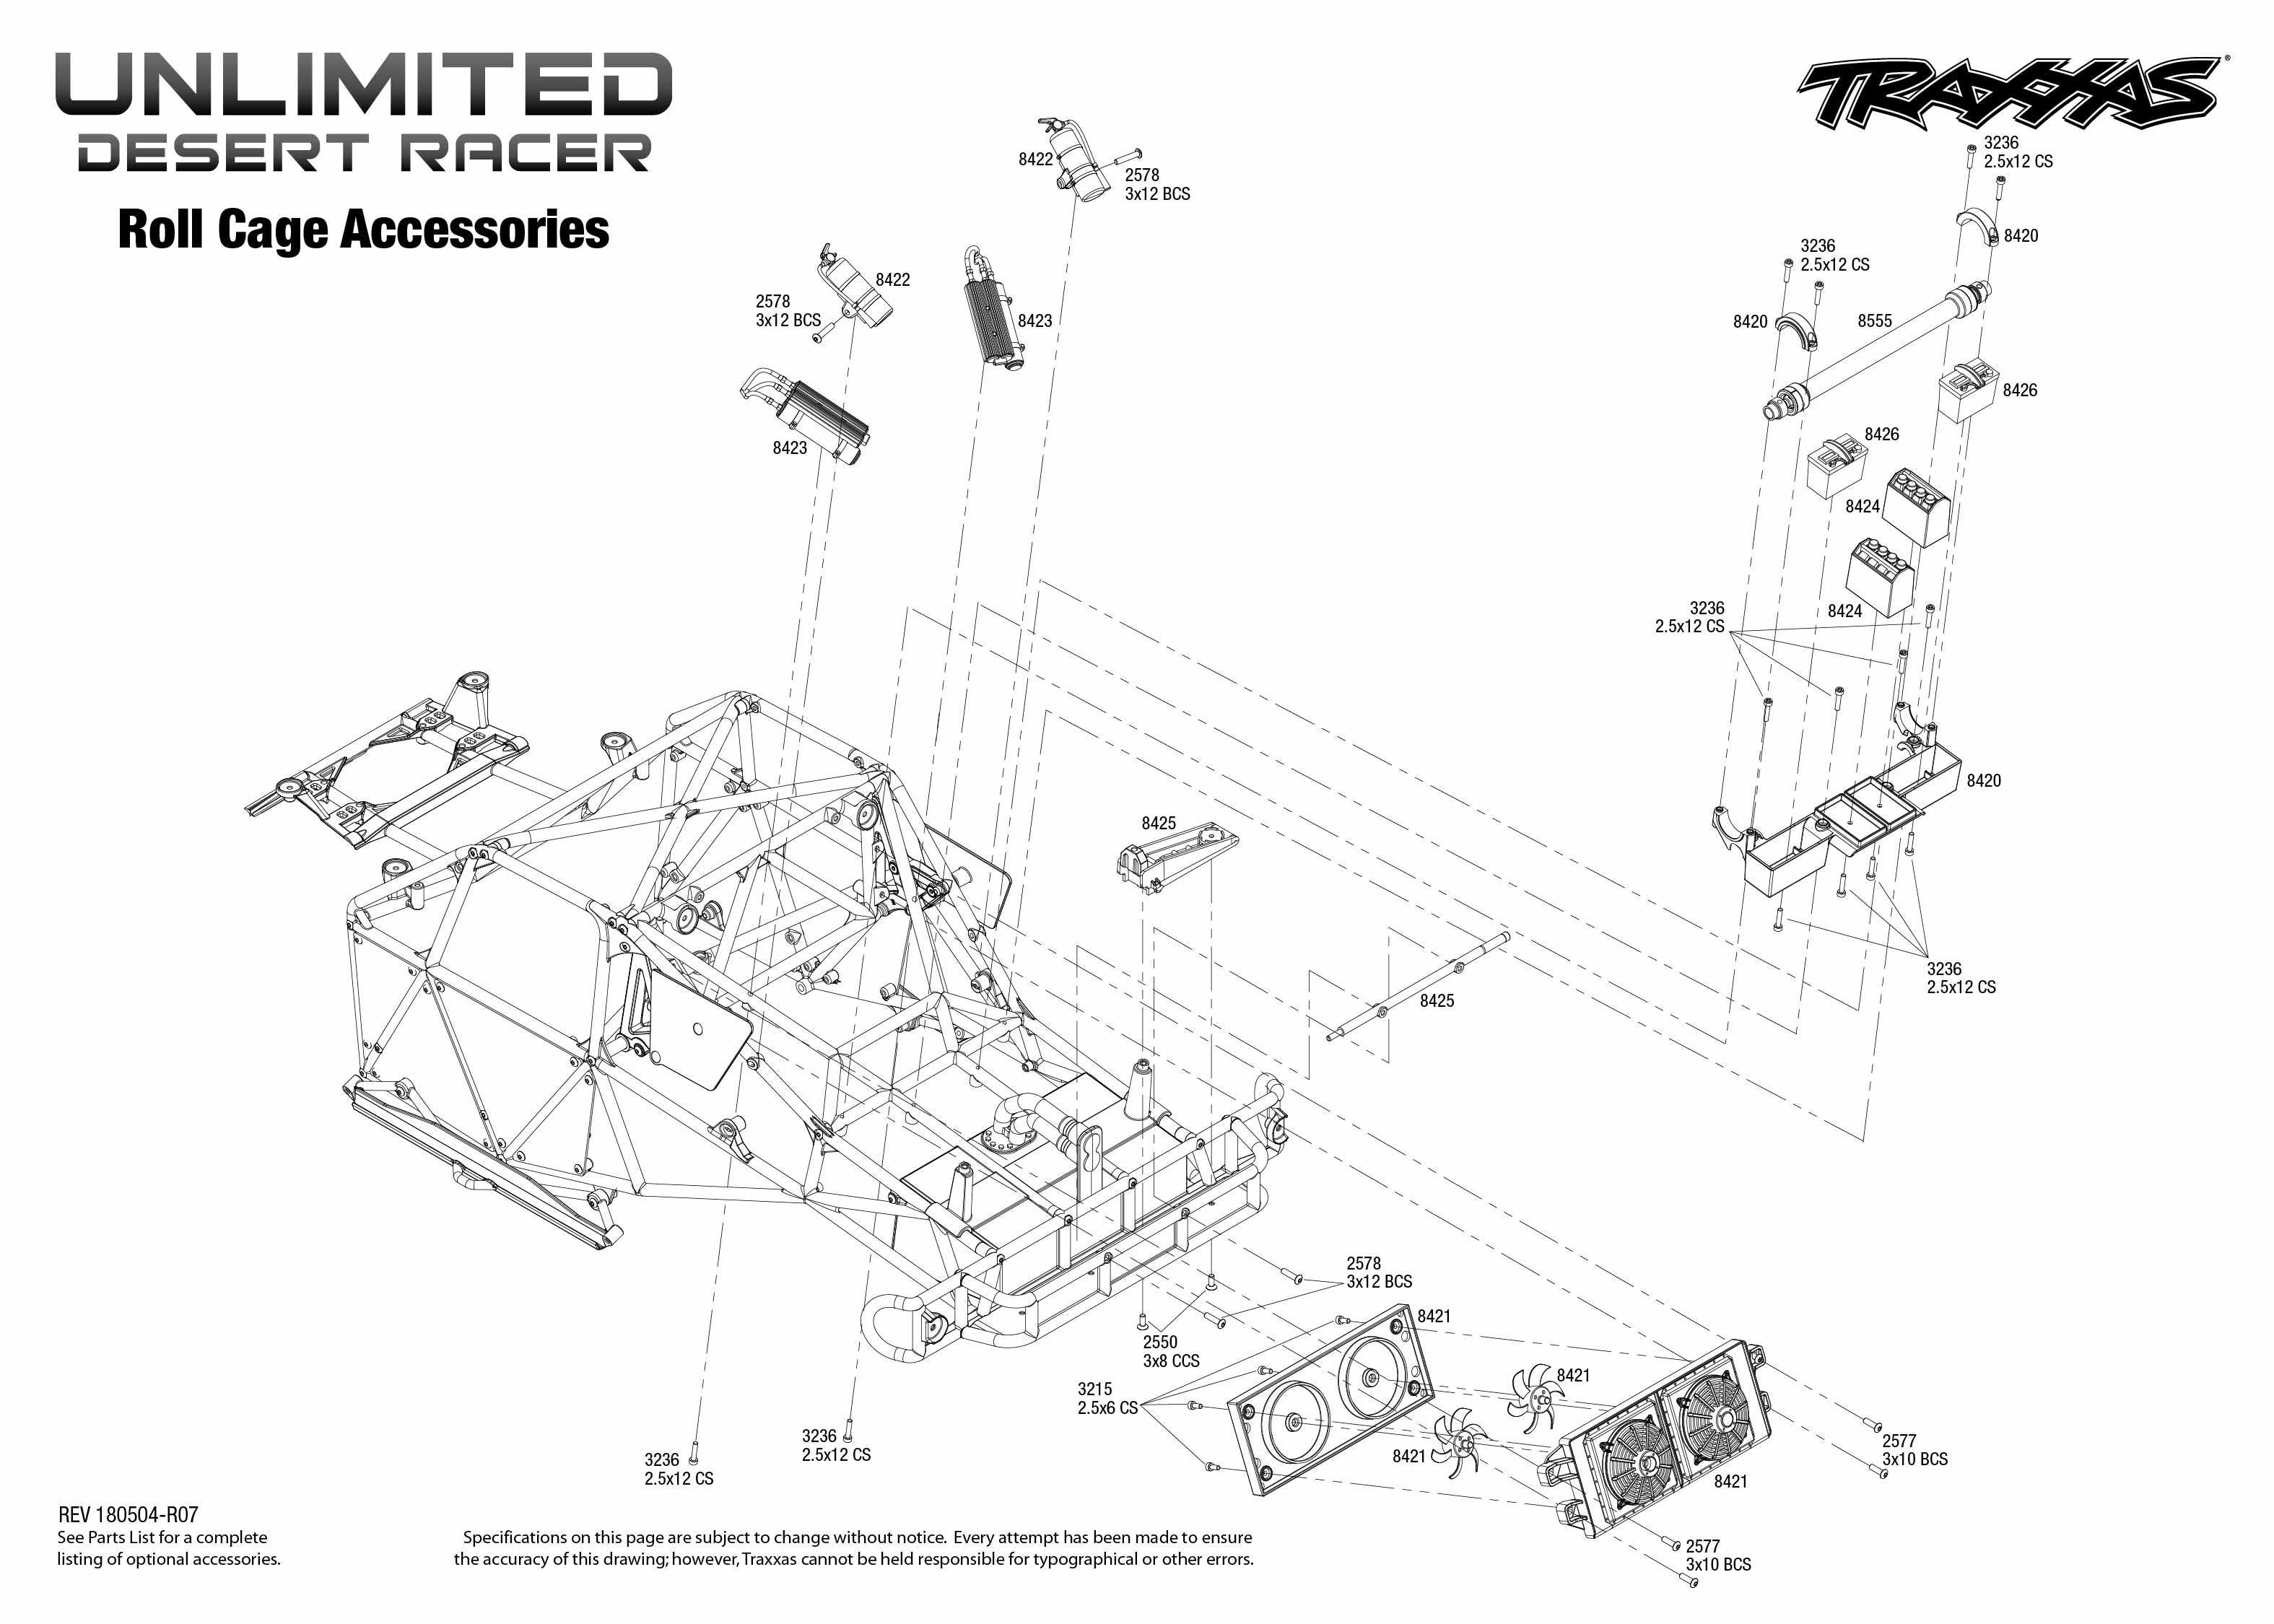 Traxxas Unlimited Desert Racer Udr